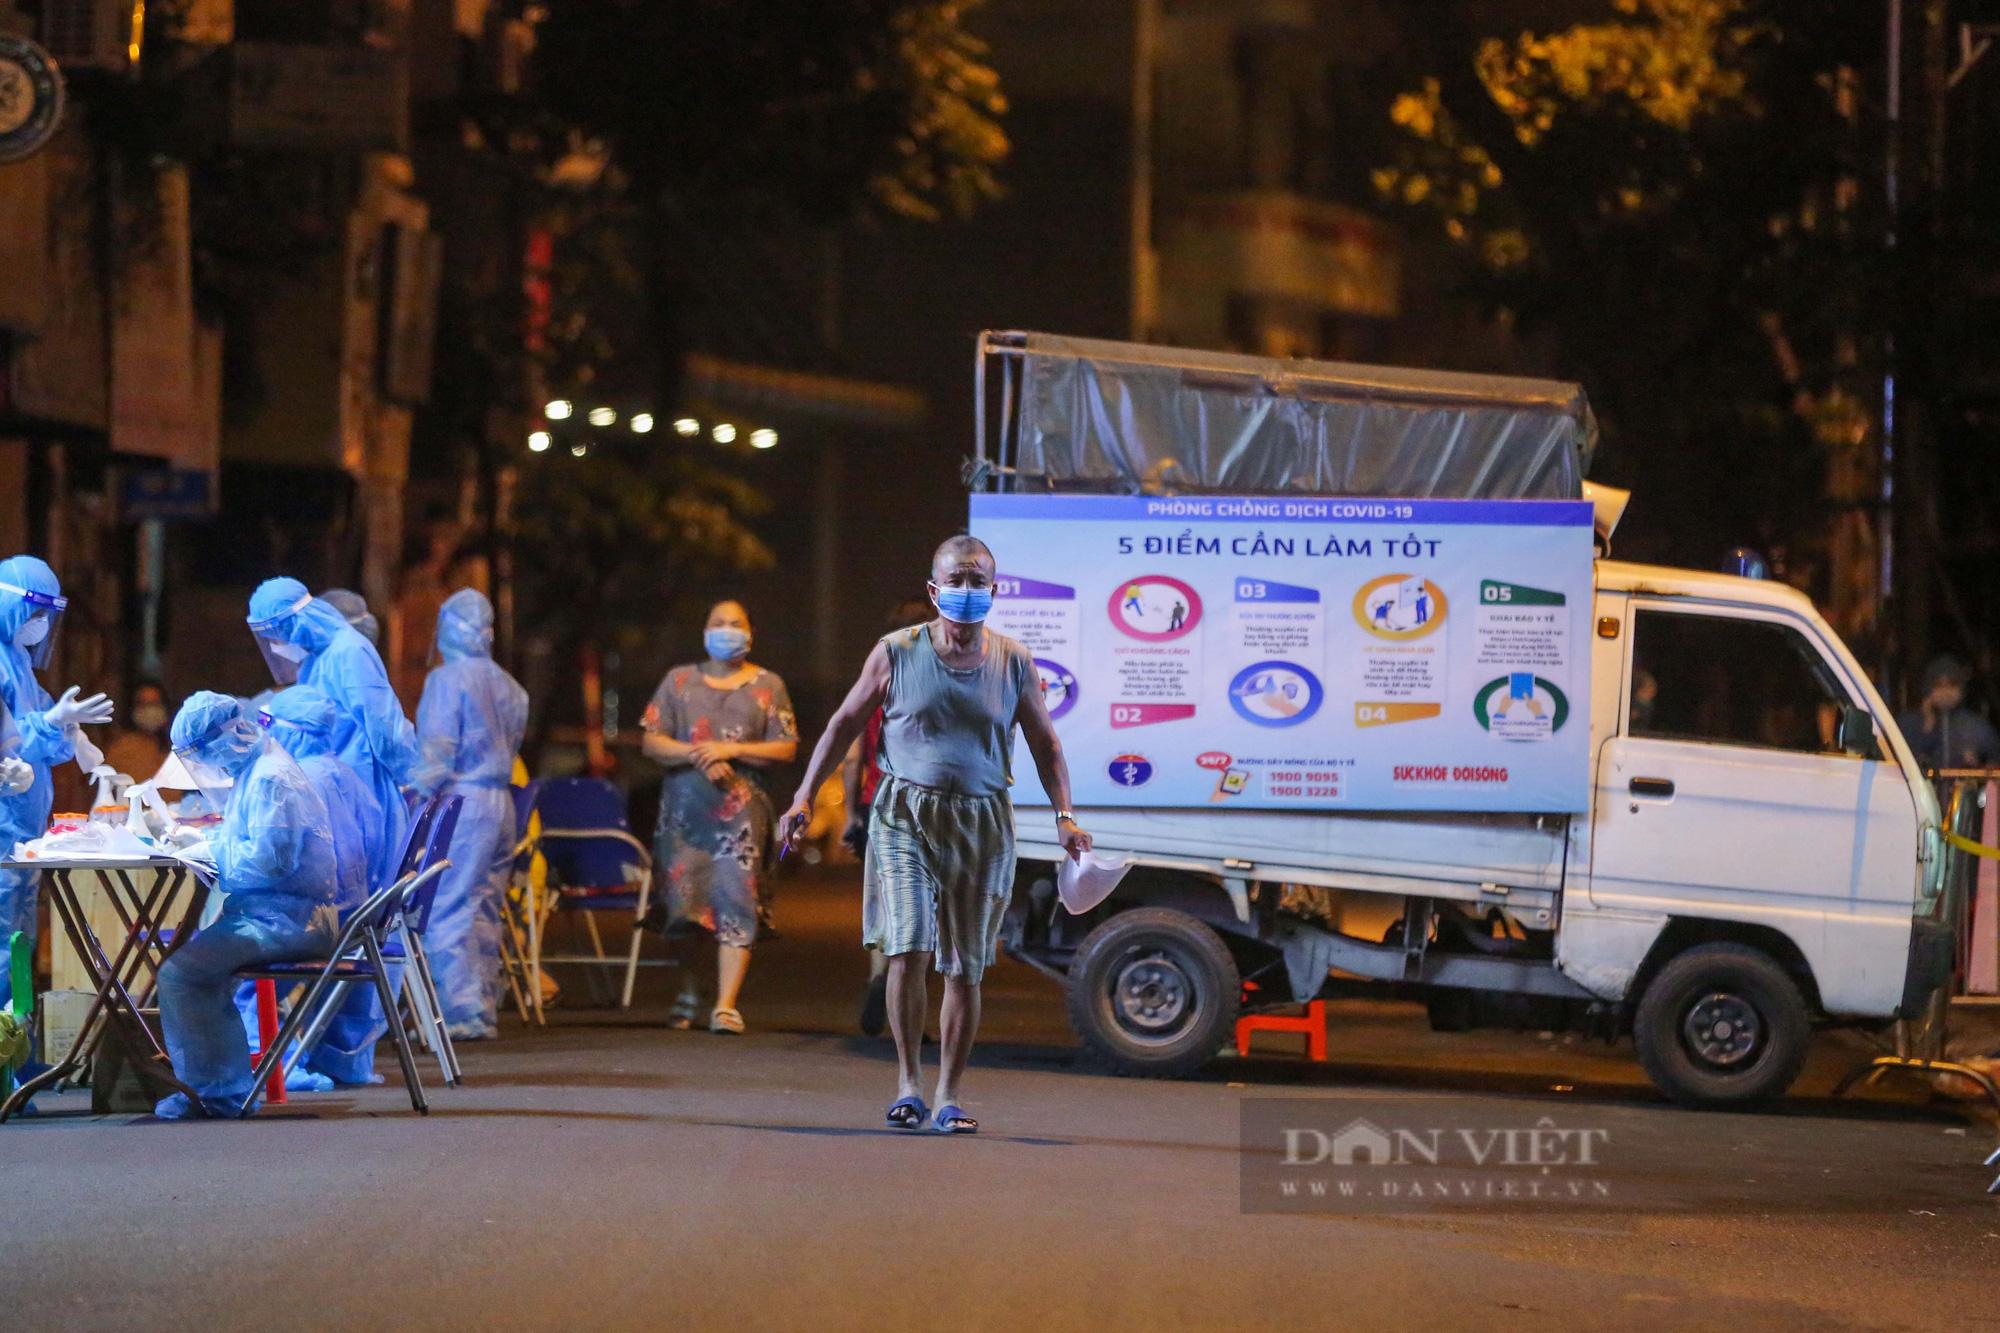 Xuyên đêm xét nghiệm cho hàng chục hộ dân trên phố Thuỵ Khuê - Ảnh 10.